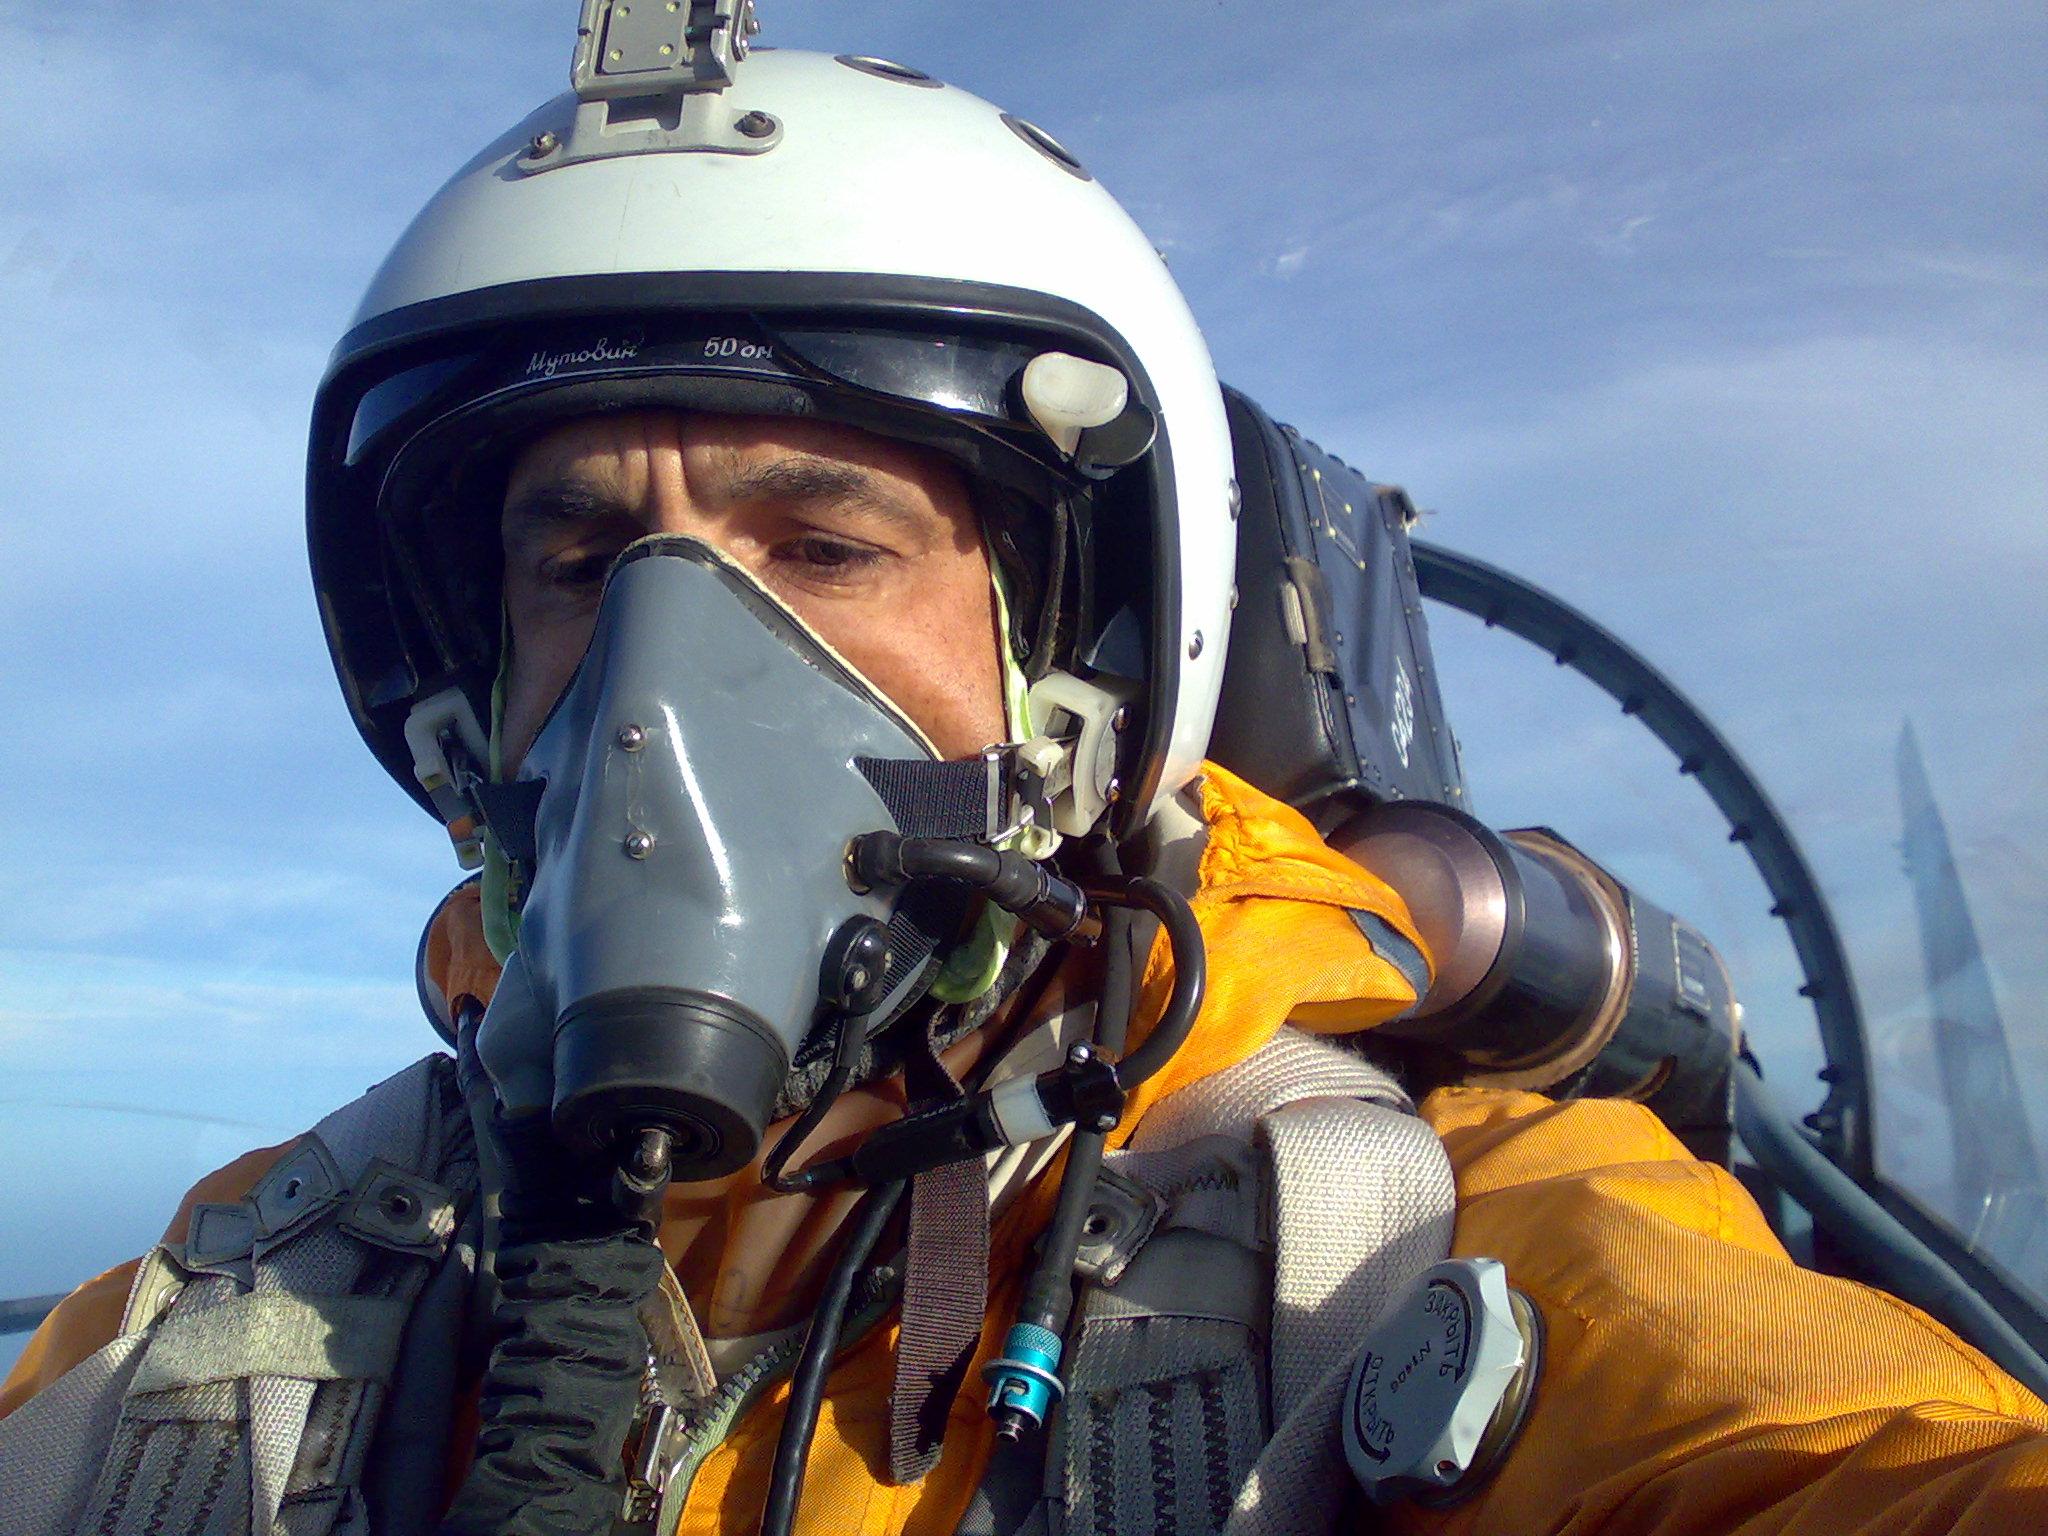 Летчик с дыхательным аппаратом